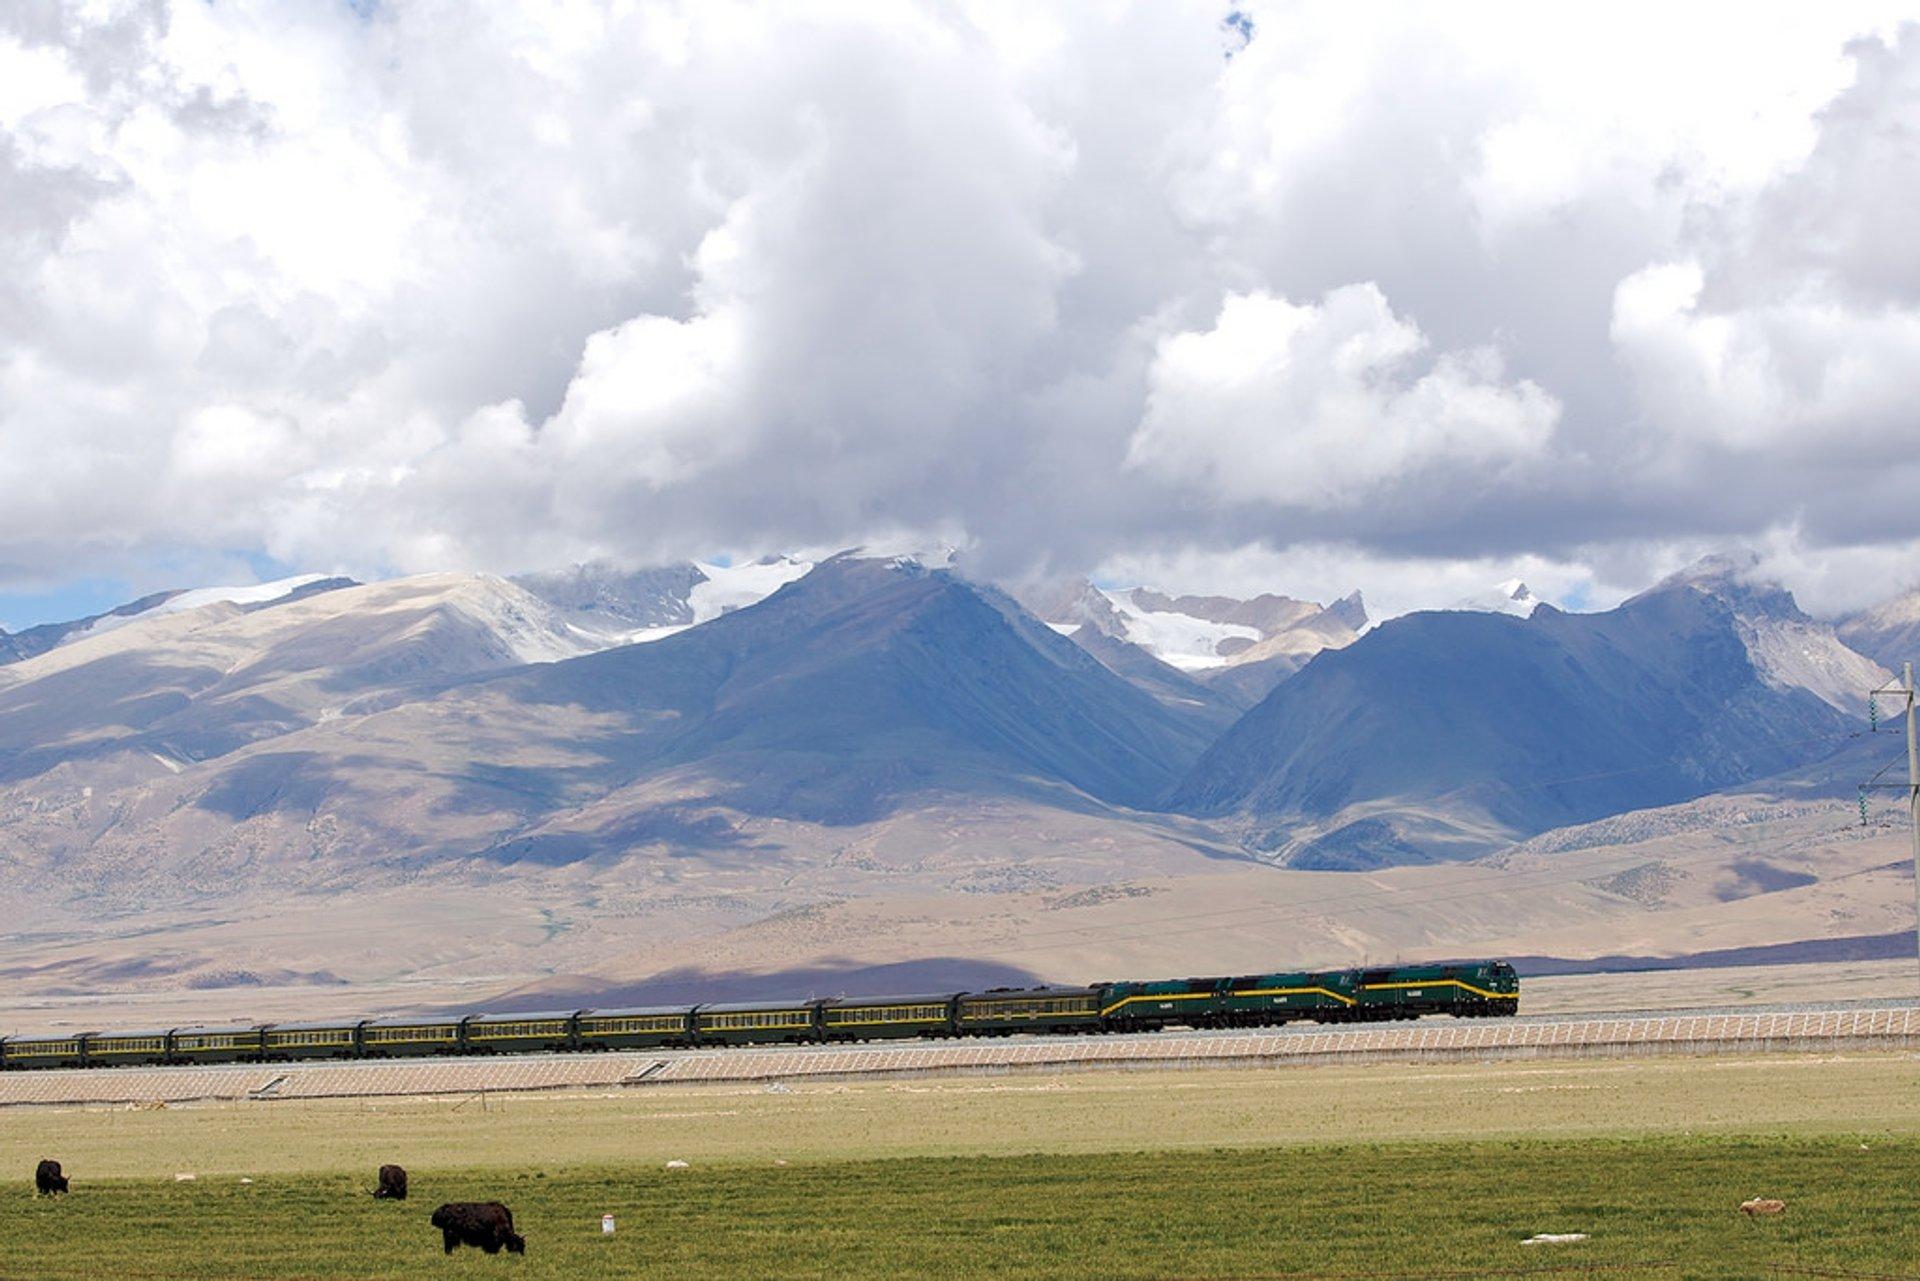 Qinghai-Tibet Railway in Tibet - Best Time